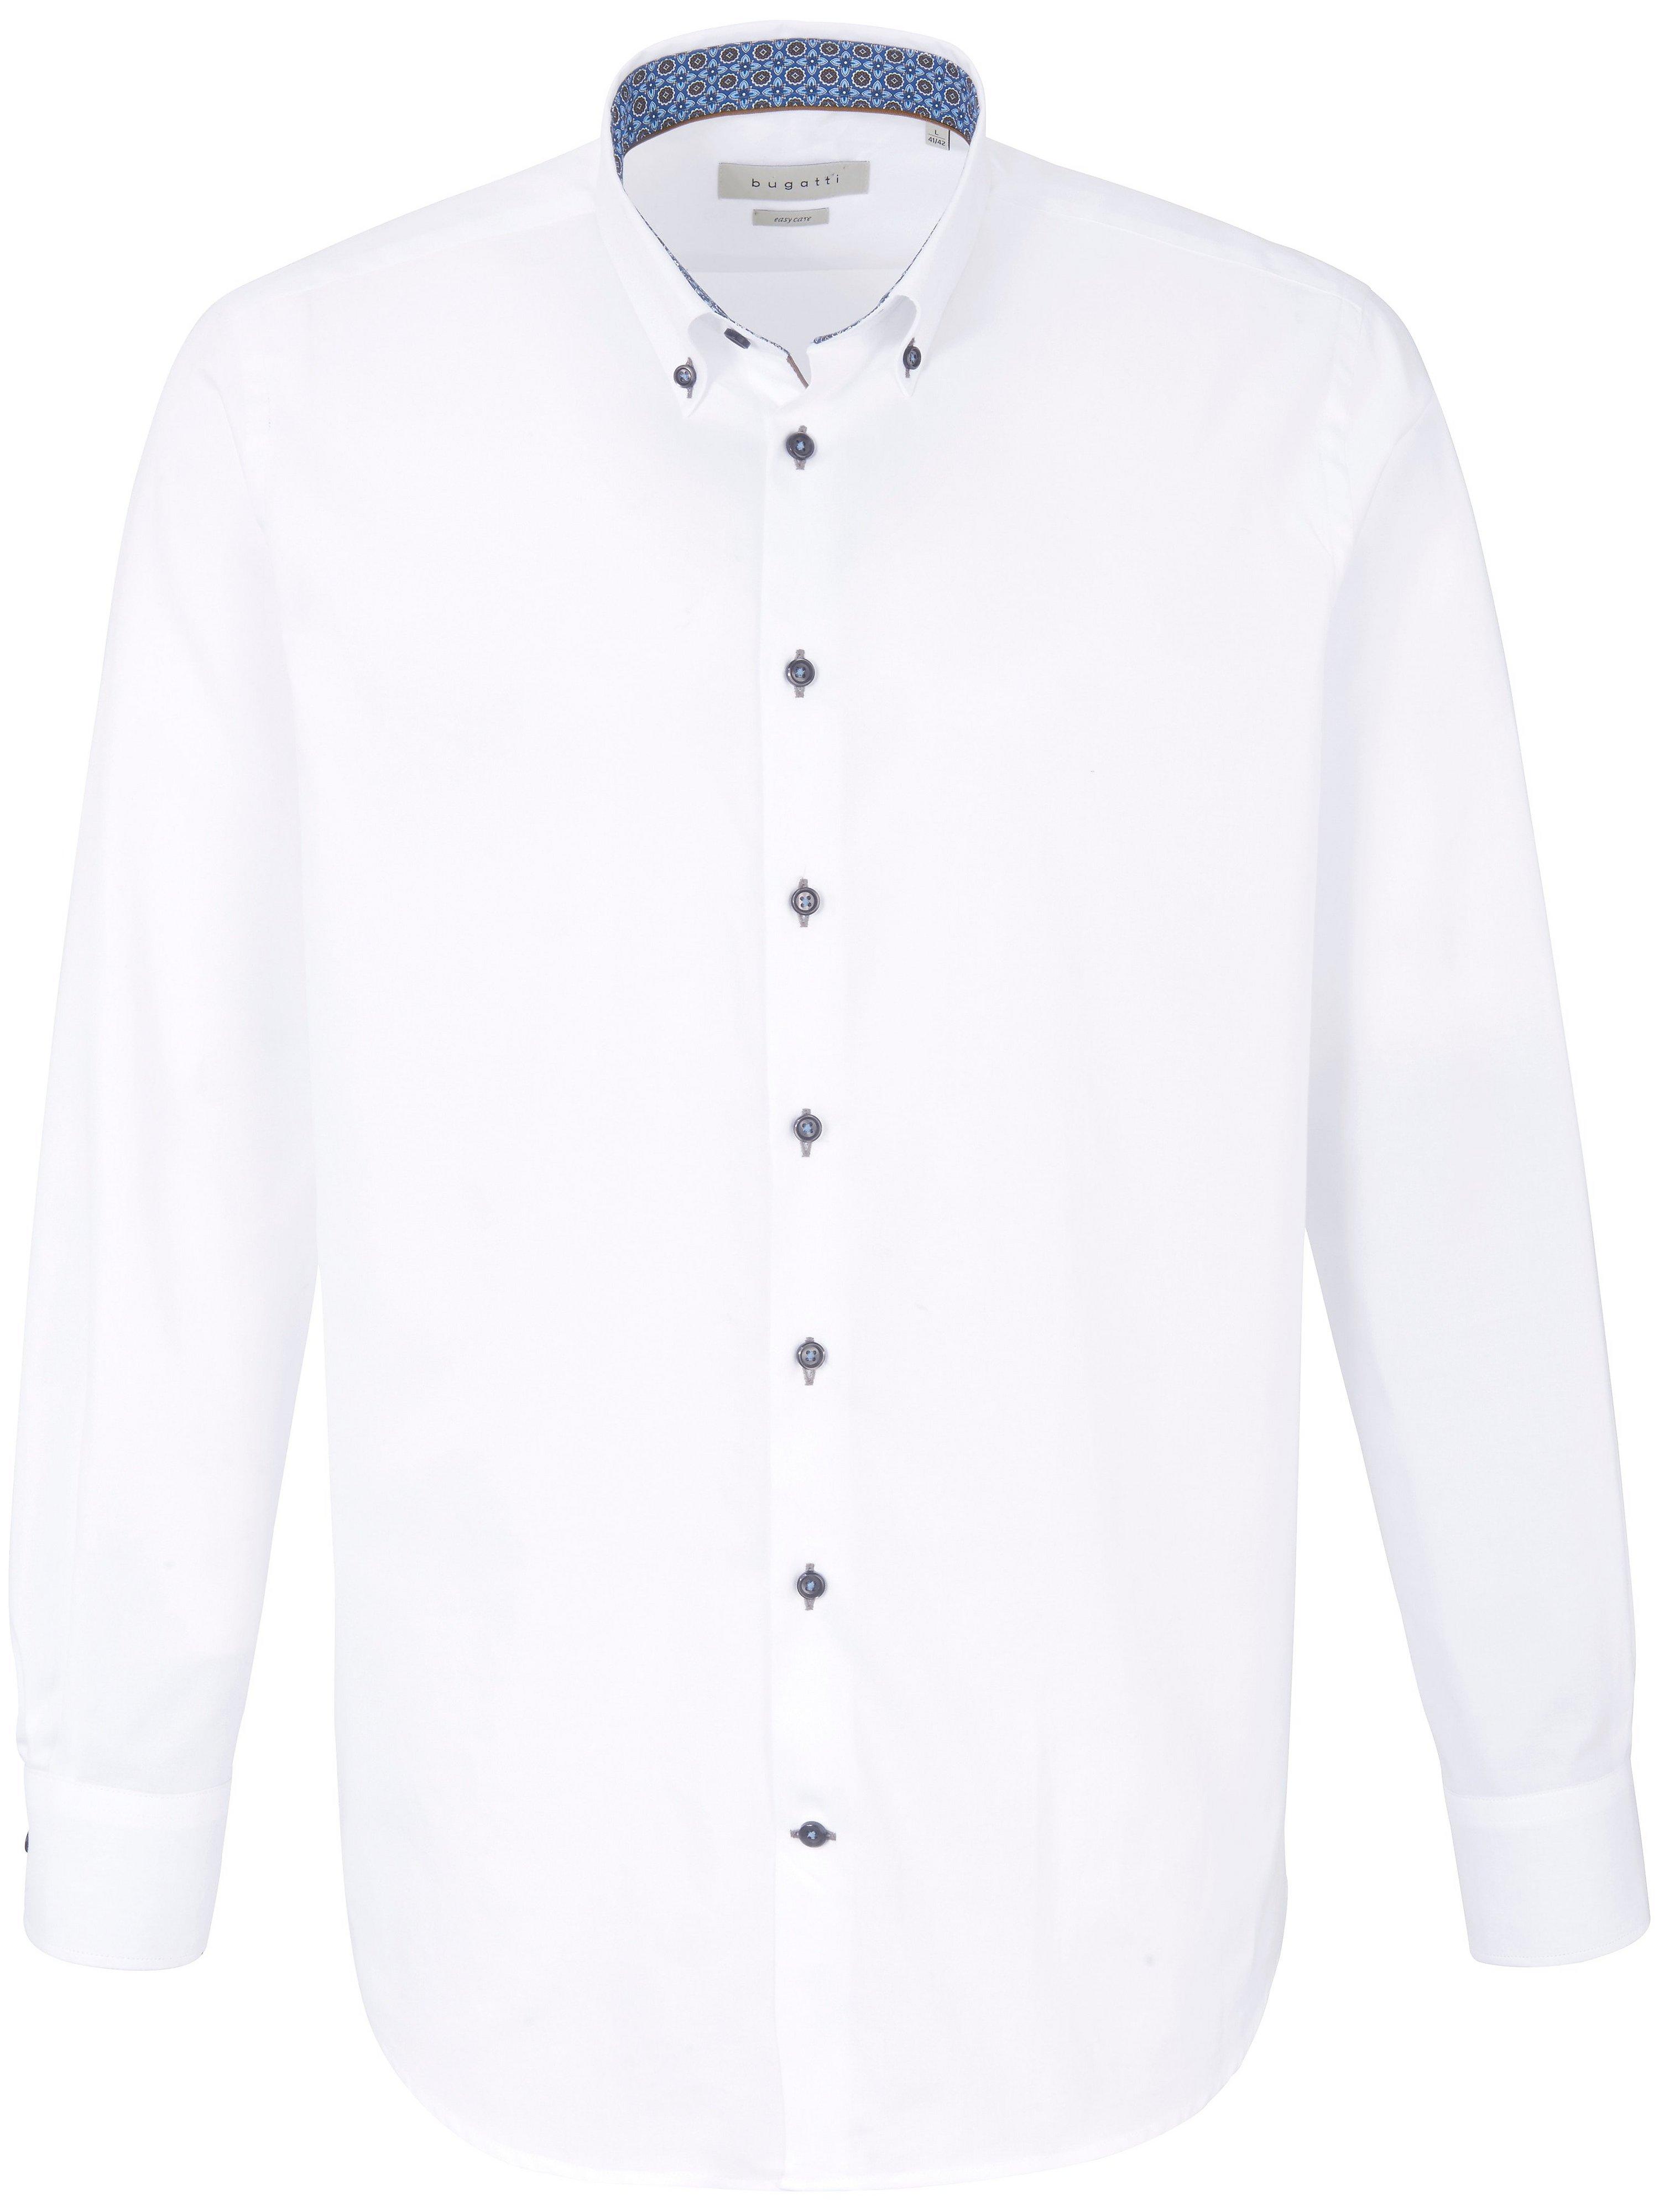 La chemise 100% coton  Bugatti blanc taille 39/40